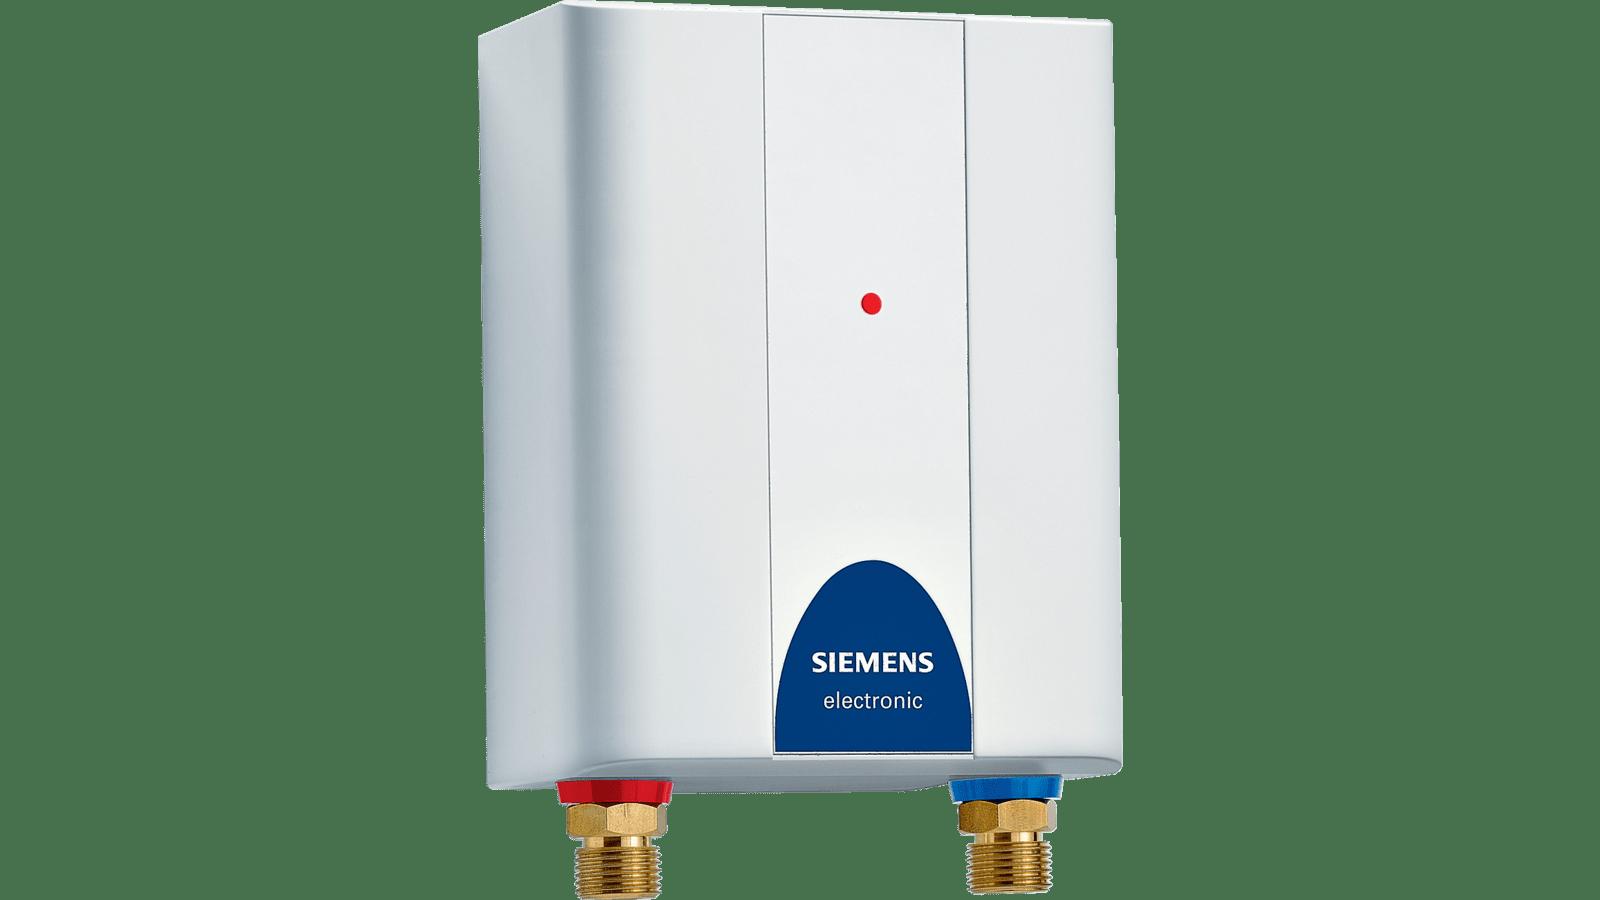 Siemens DE08111 Kleindurchlauferhitzer elecktronisch 7.2 KW /Übertisch